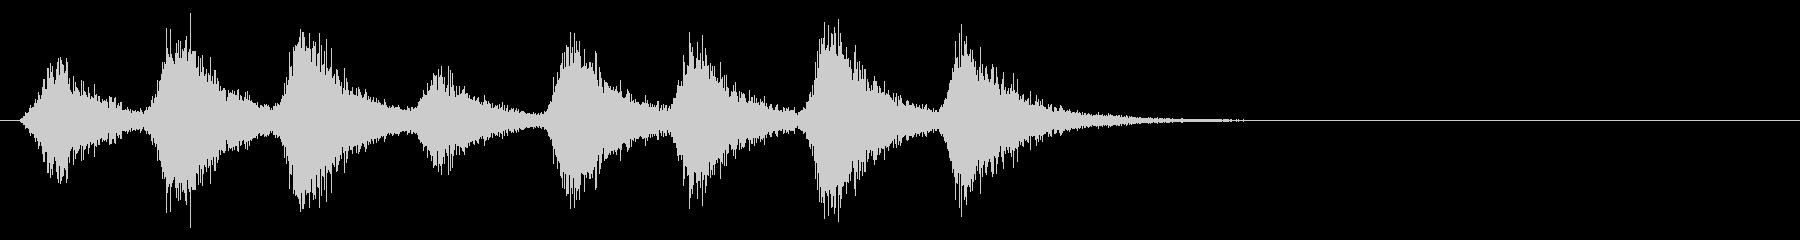 ドラゴンの羽ばたき2_リバーブの未再生の波形